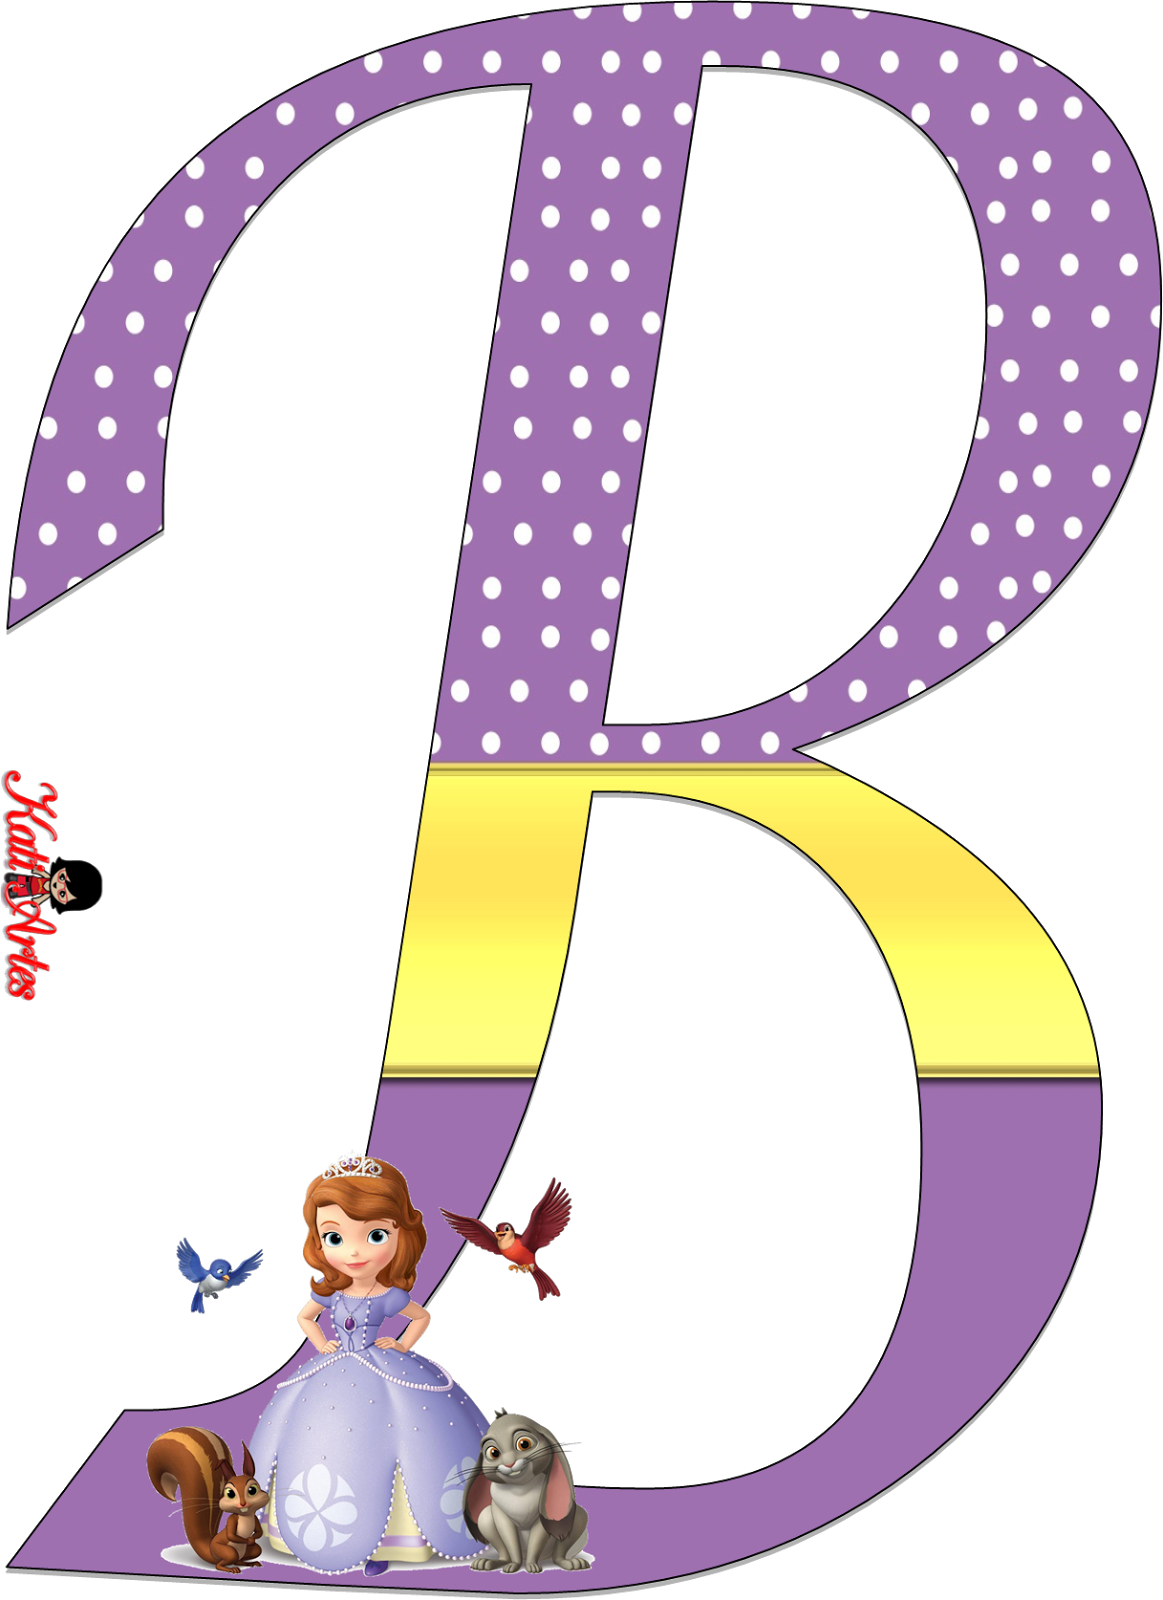 sofia the first alphabet alfabeto de sofa primera sofia the first birthday party 5th